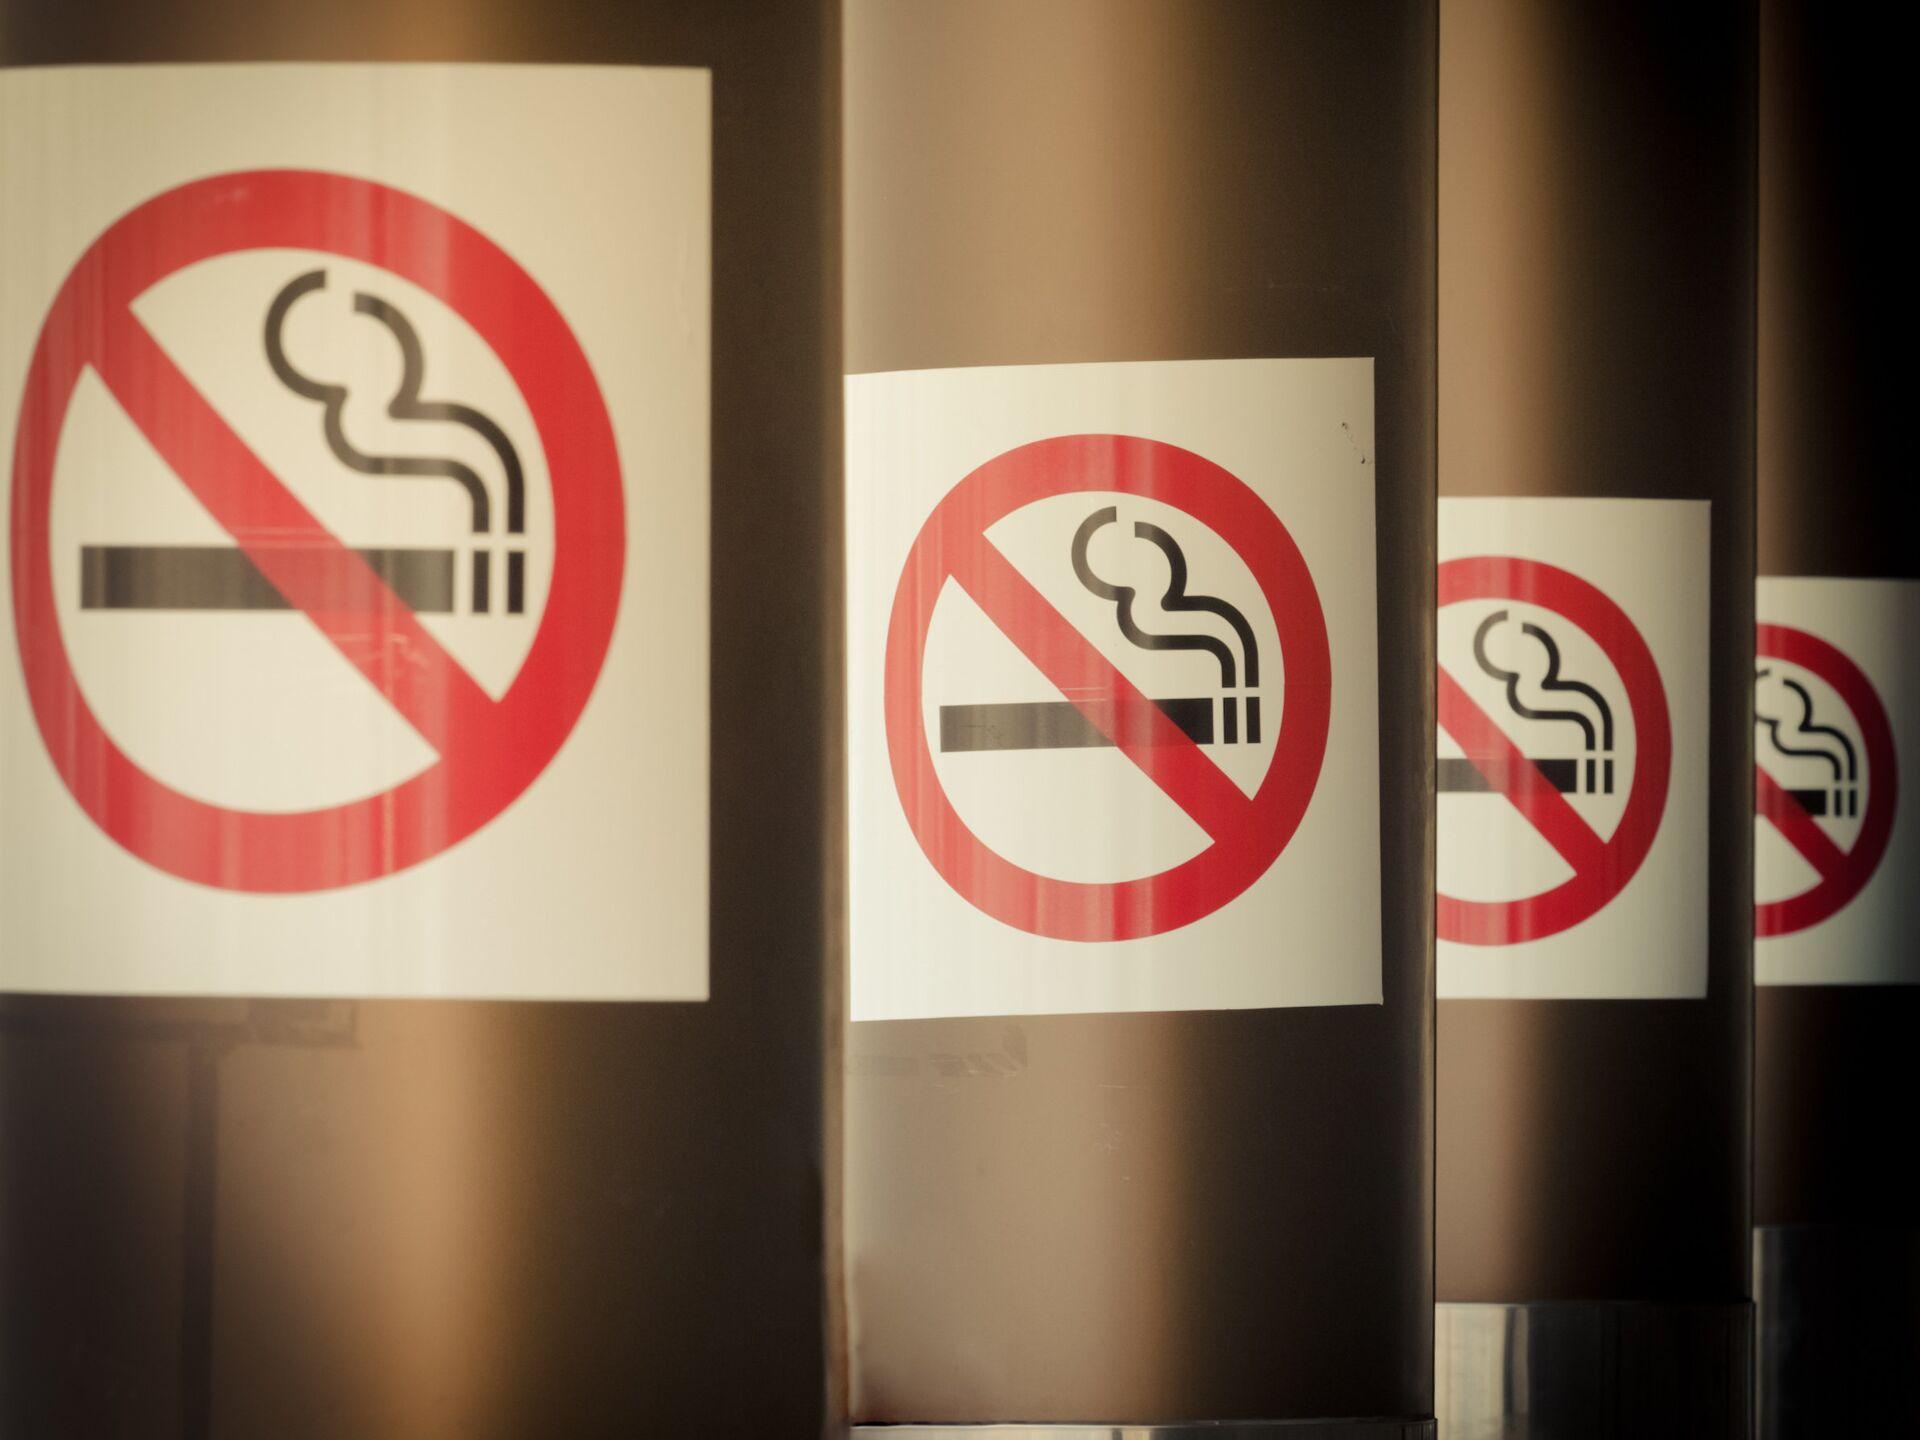 Ужесточение табачных изделий оптовые склады табака москва